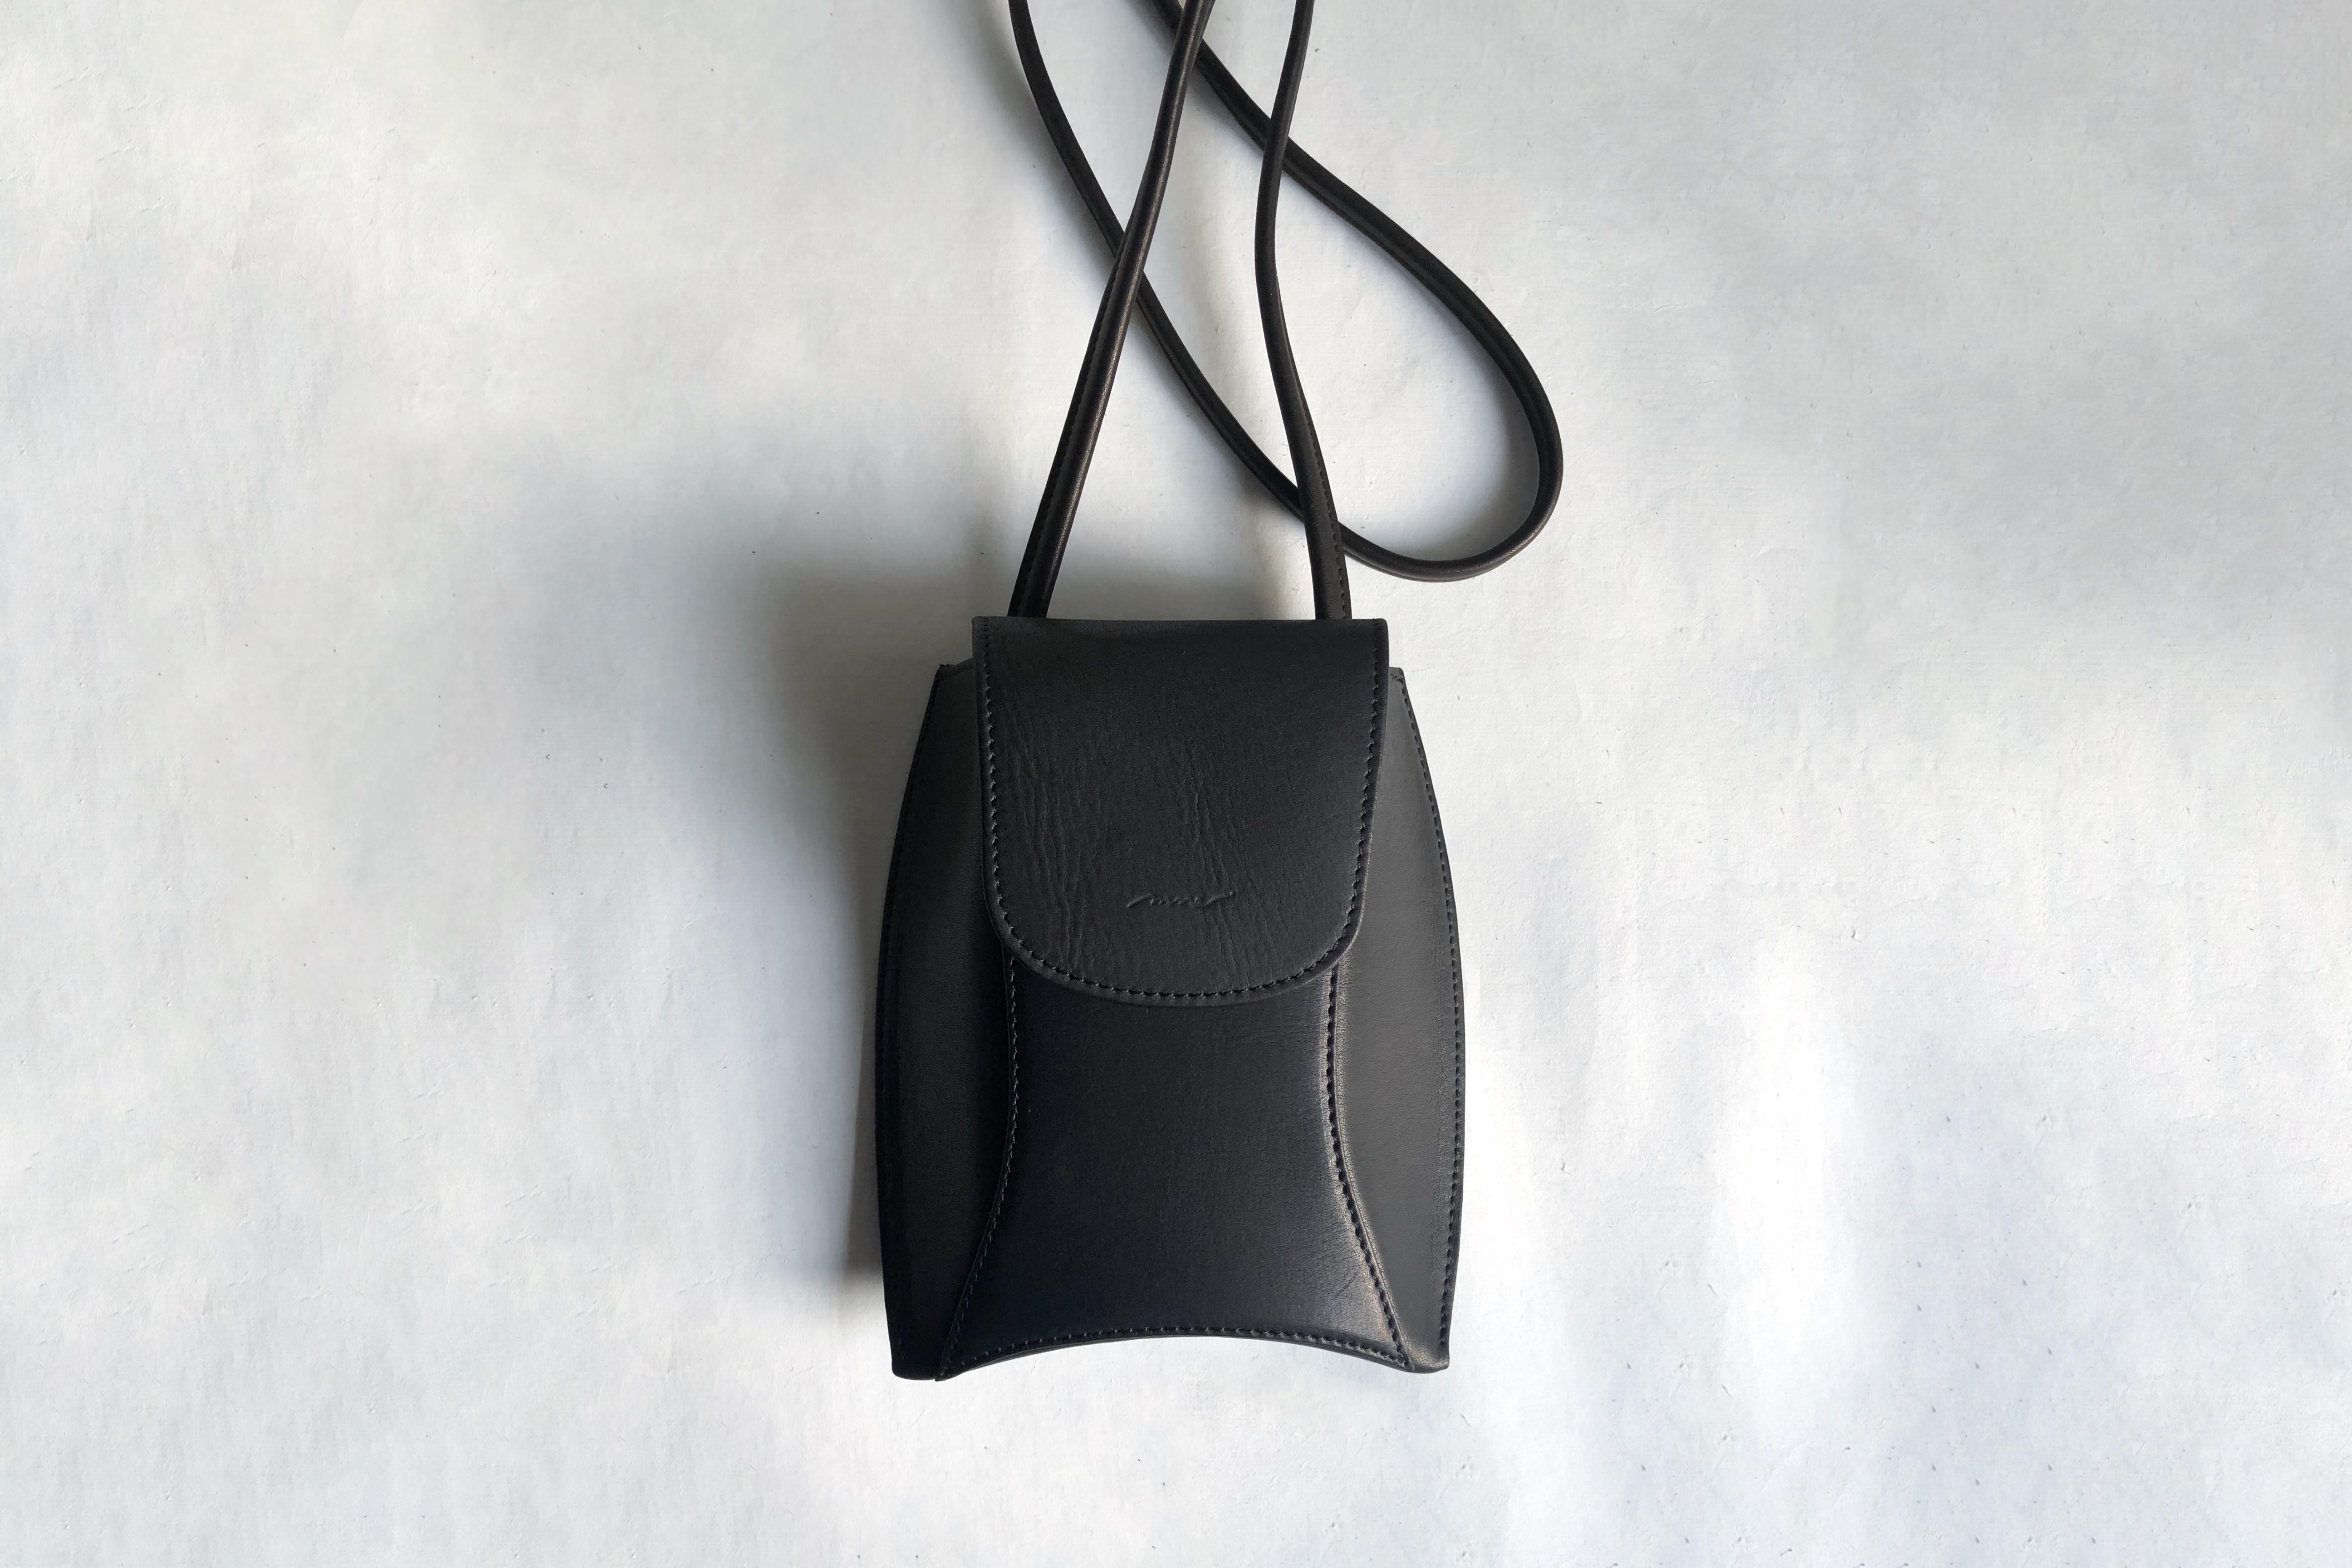 Ar bag